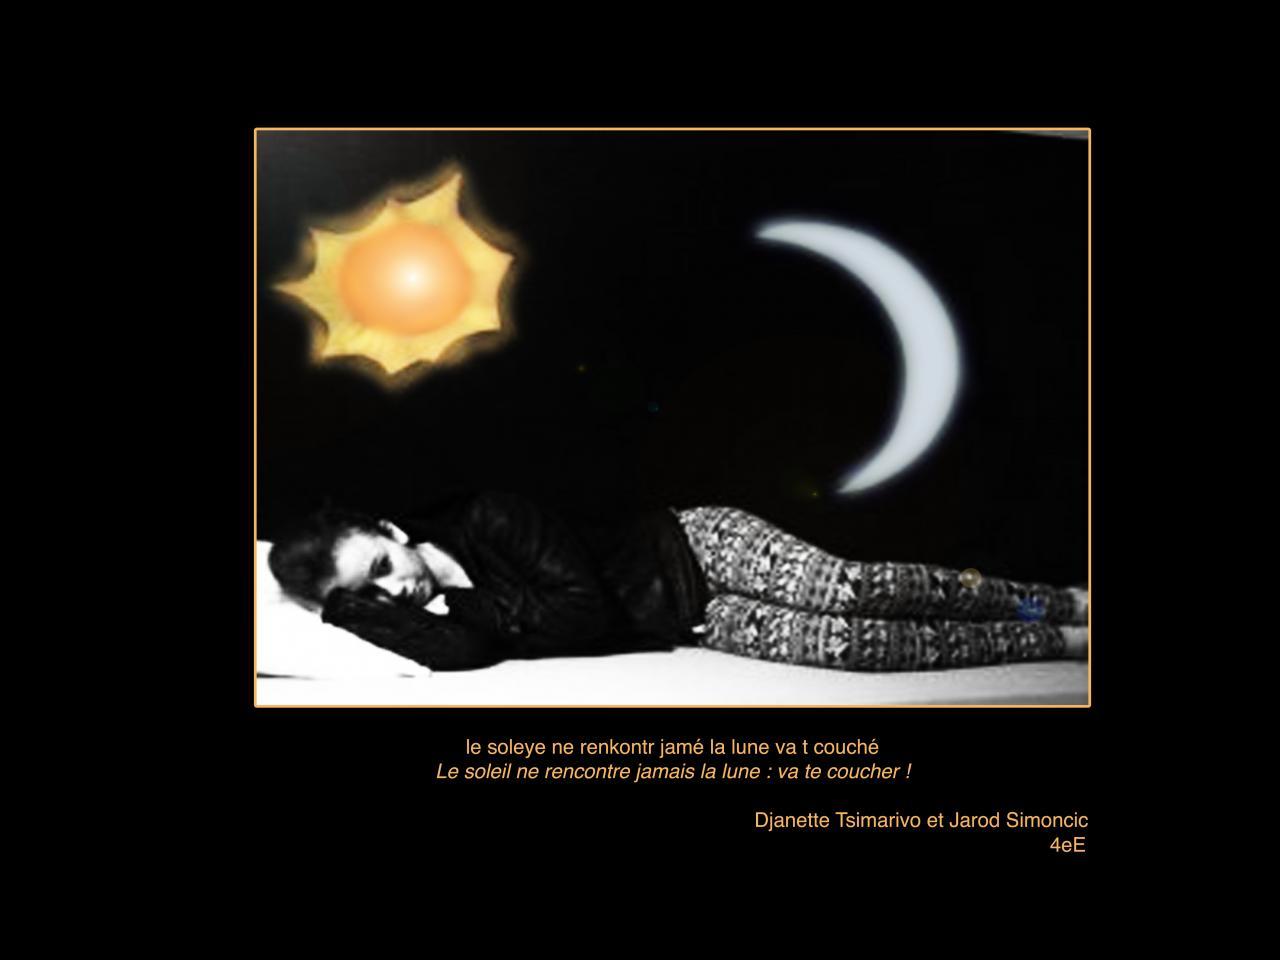 soleil lune couchée